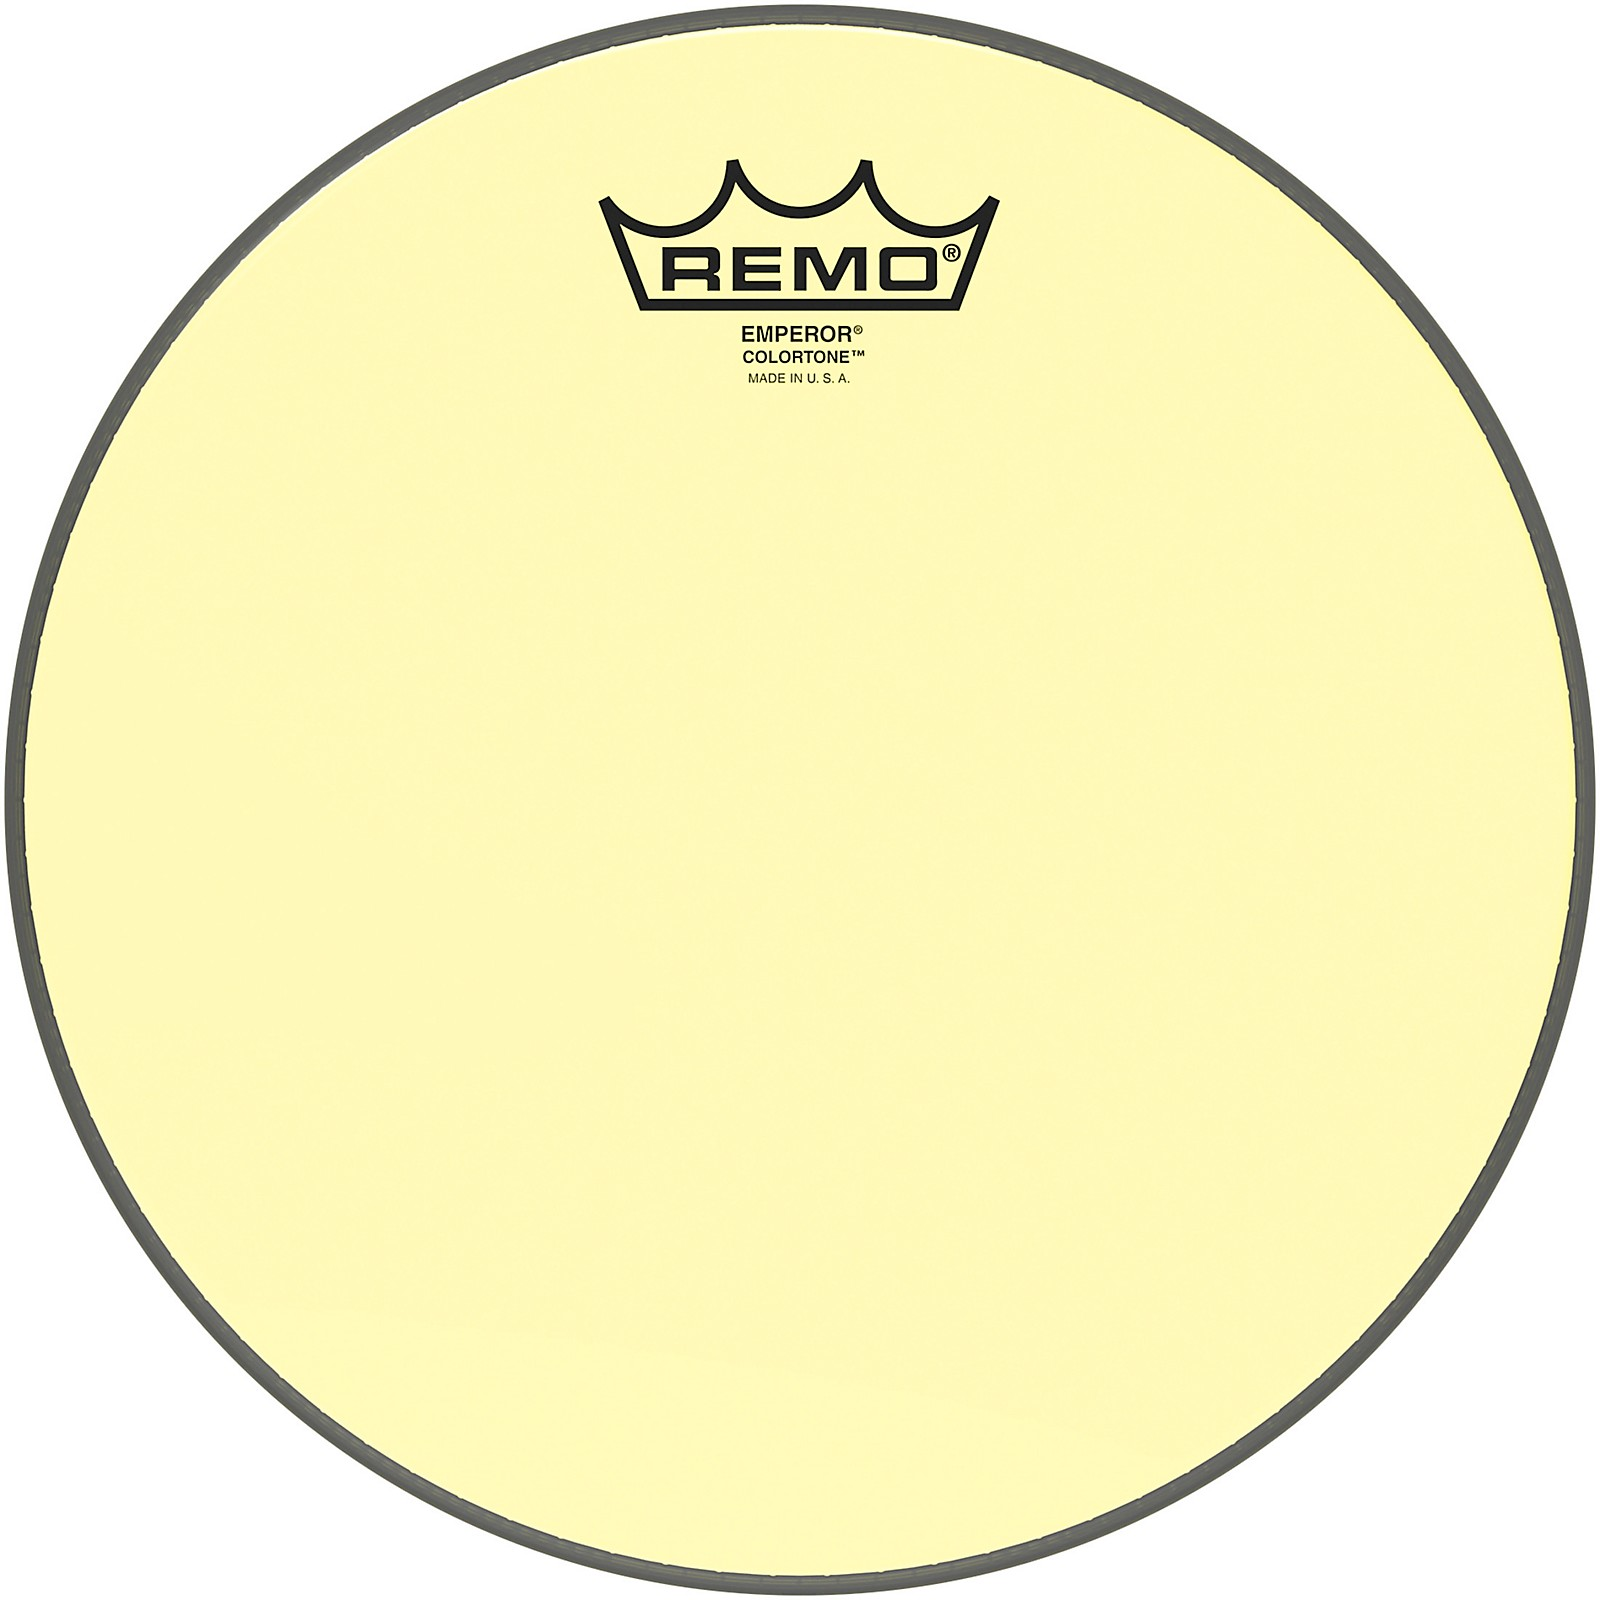 Remo Emperor Colortone Yellow Drum Head